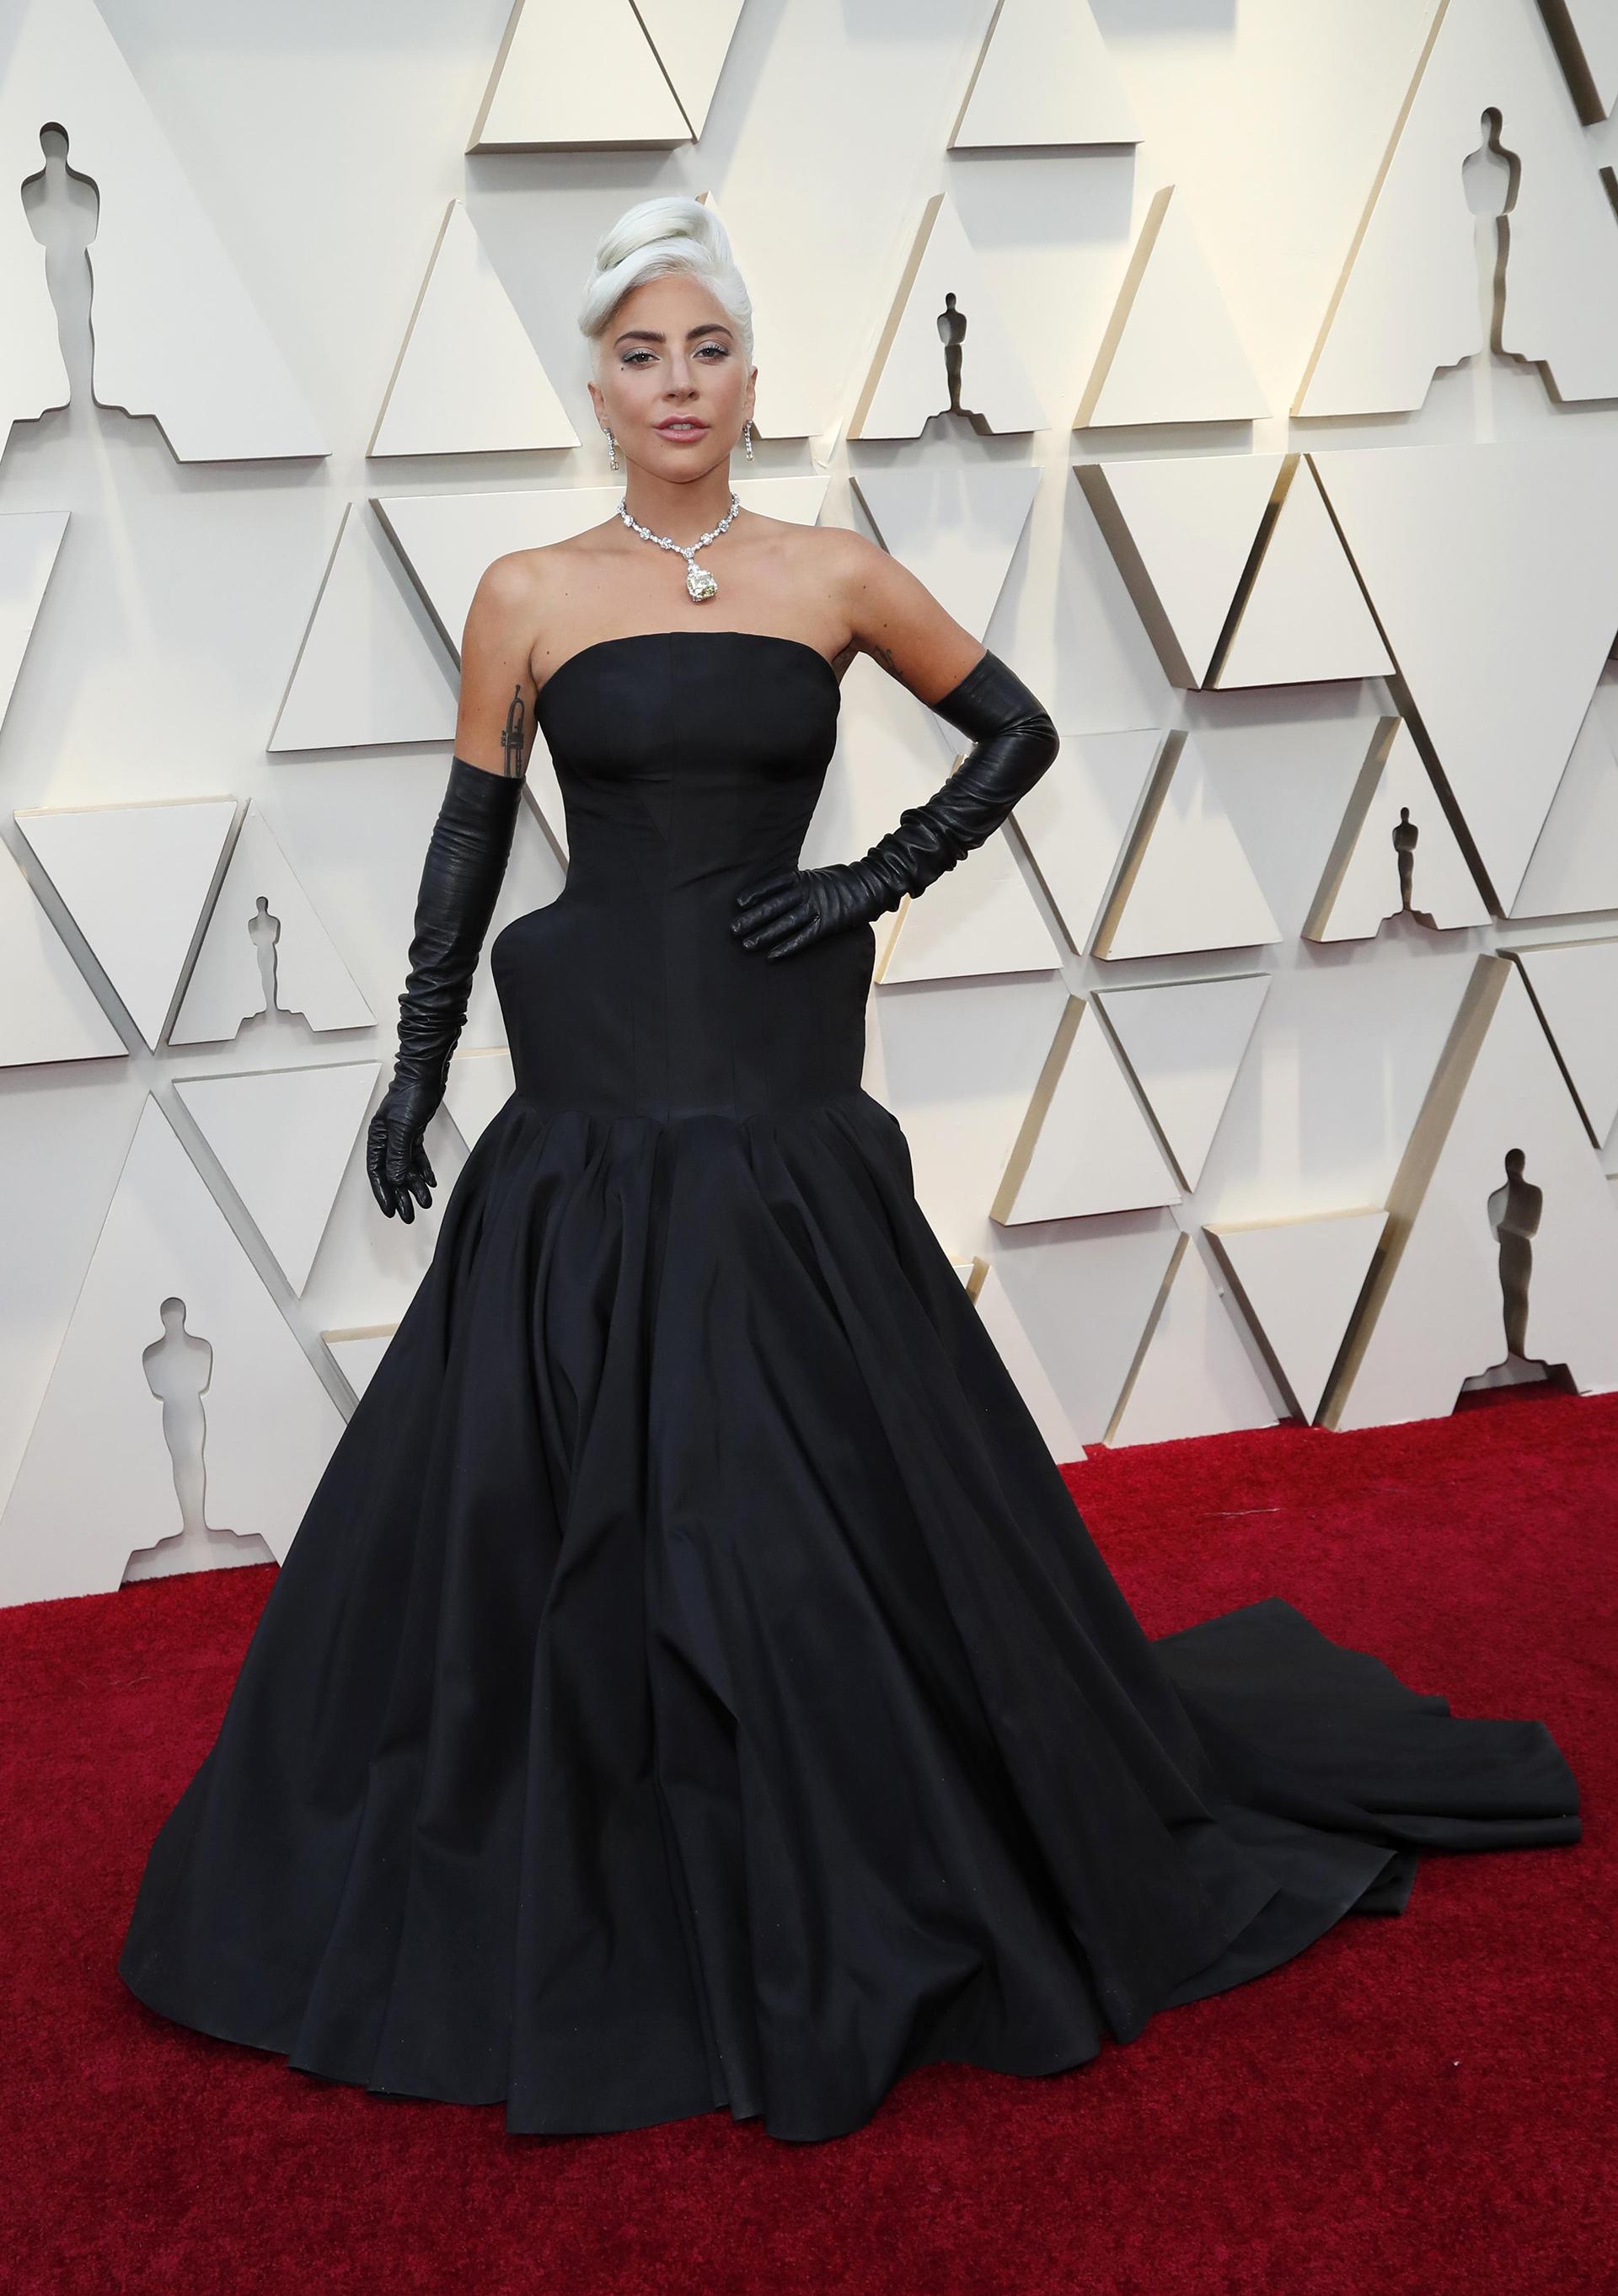 2de5a30d8 Premios Oscar 2019  los mejor y peor vestidos de la red carpet - Infobae